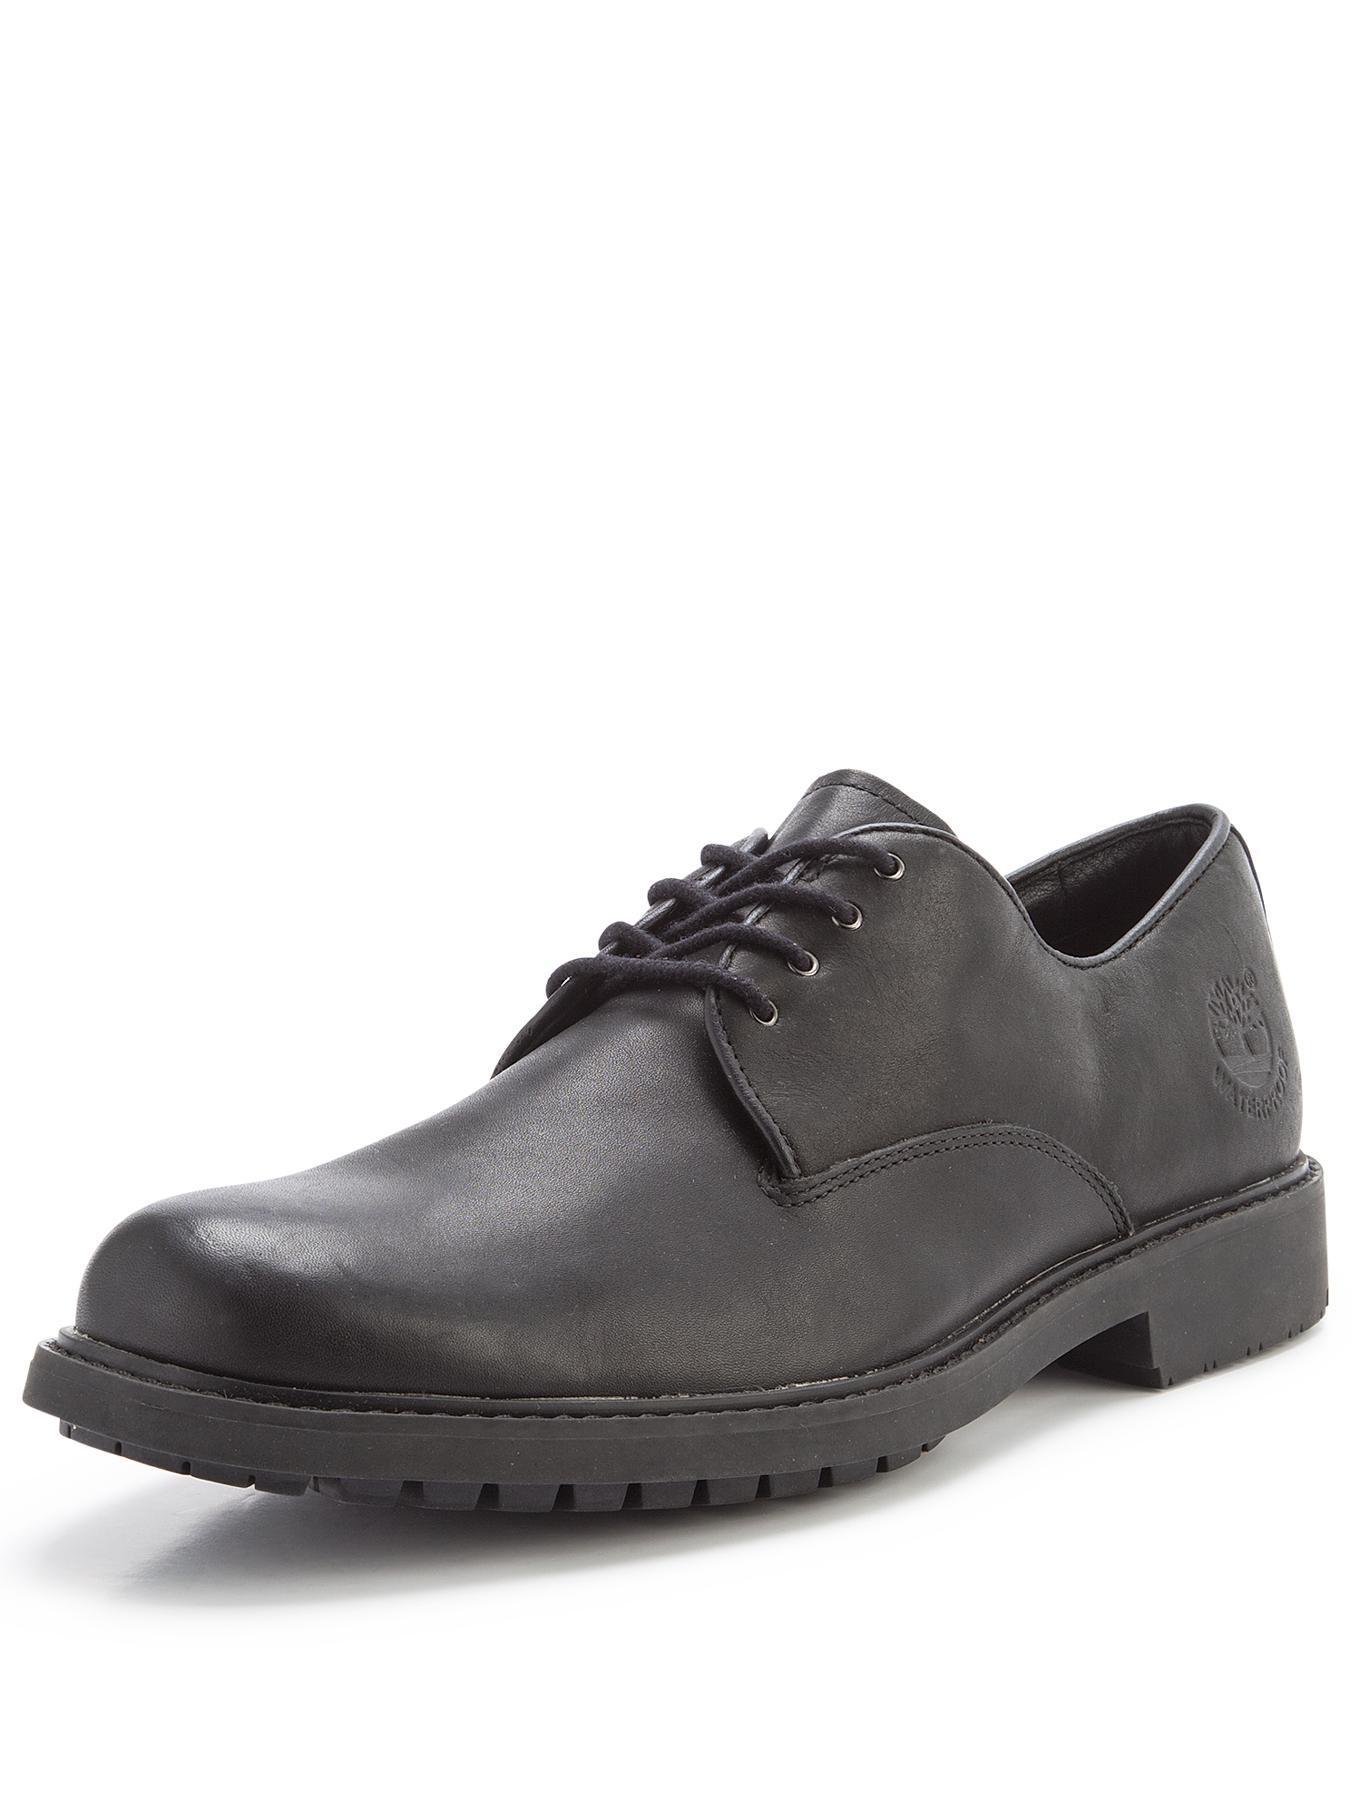 Timberland Stormbuck Plain Toe Oxford Shoes Black